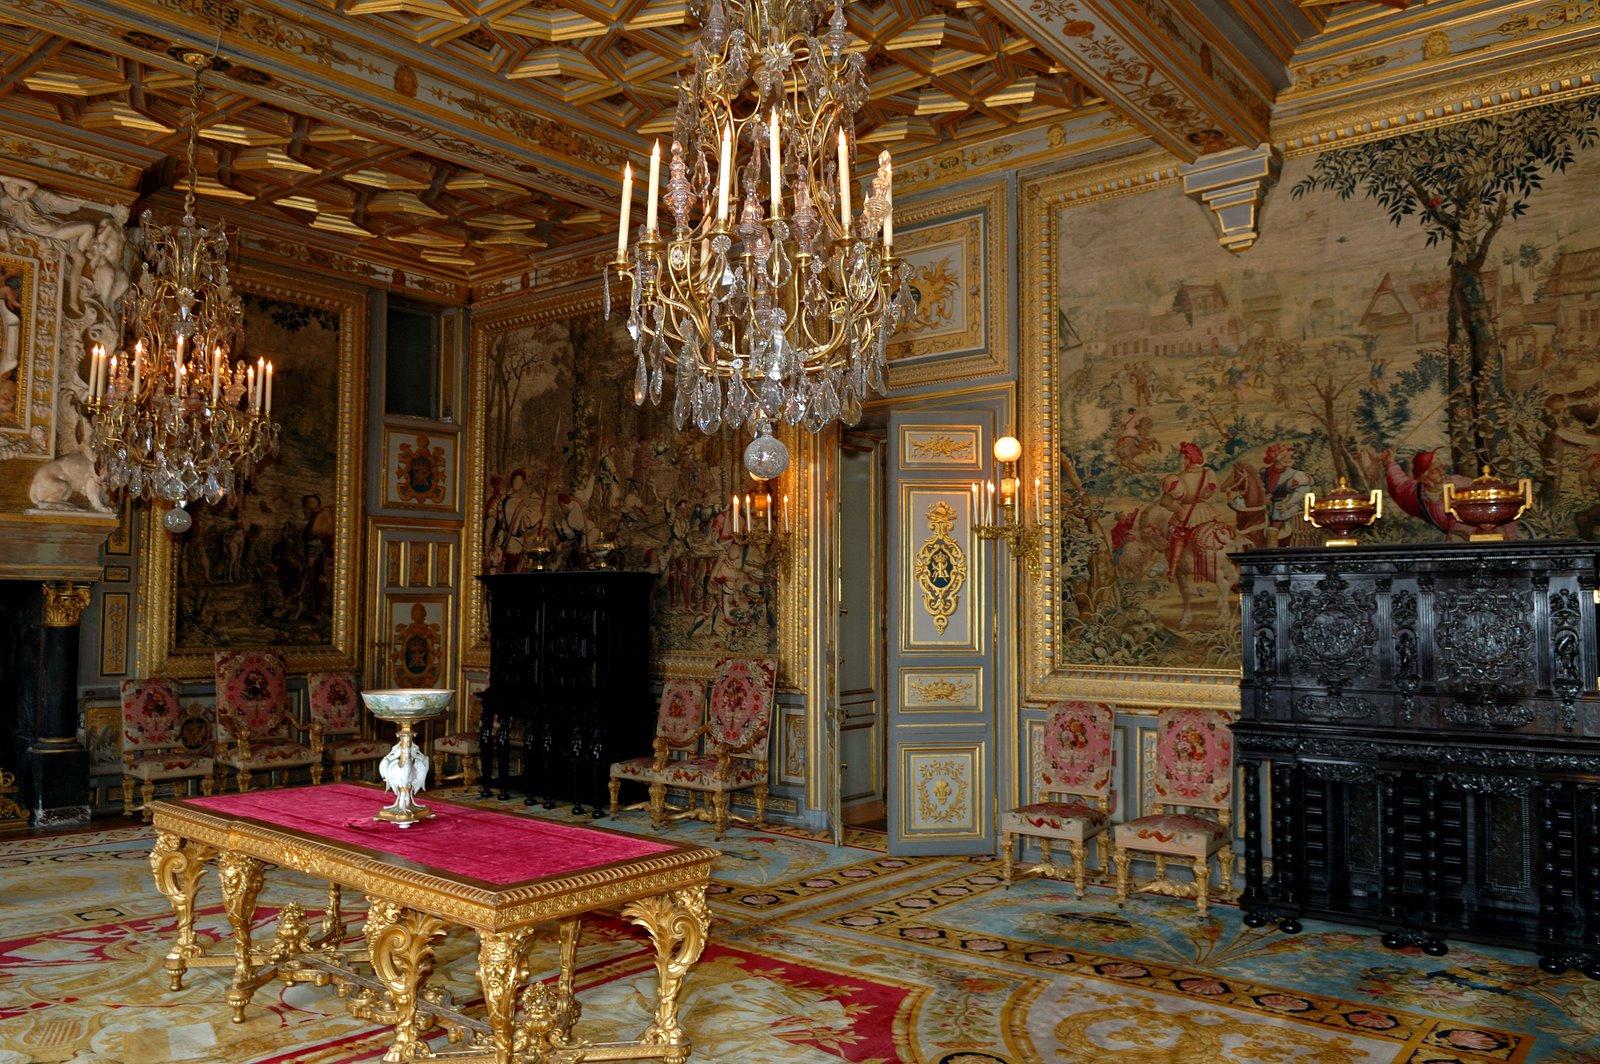 Фото дворцов и замков интерьеры